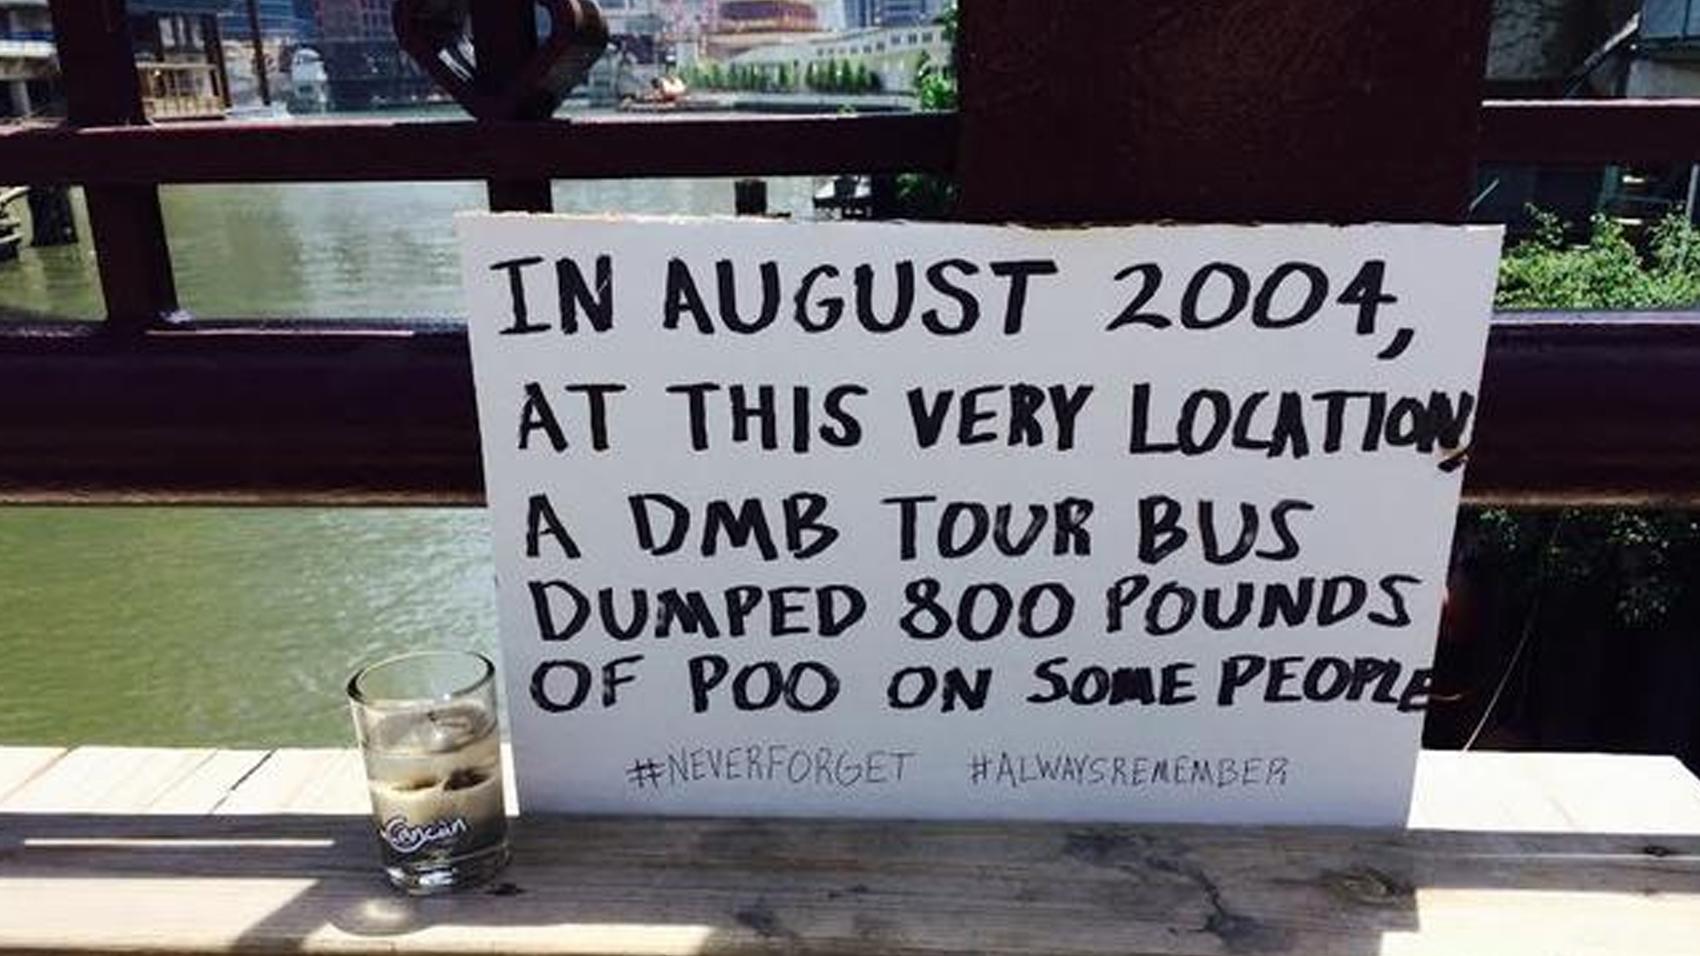 Chicago Tour Bus Poop